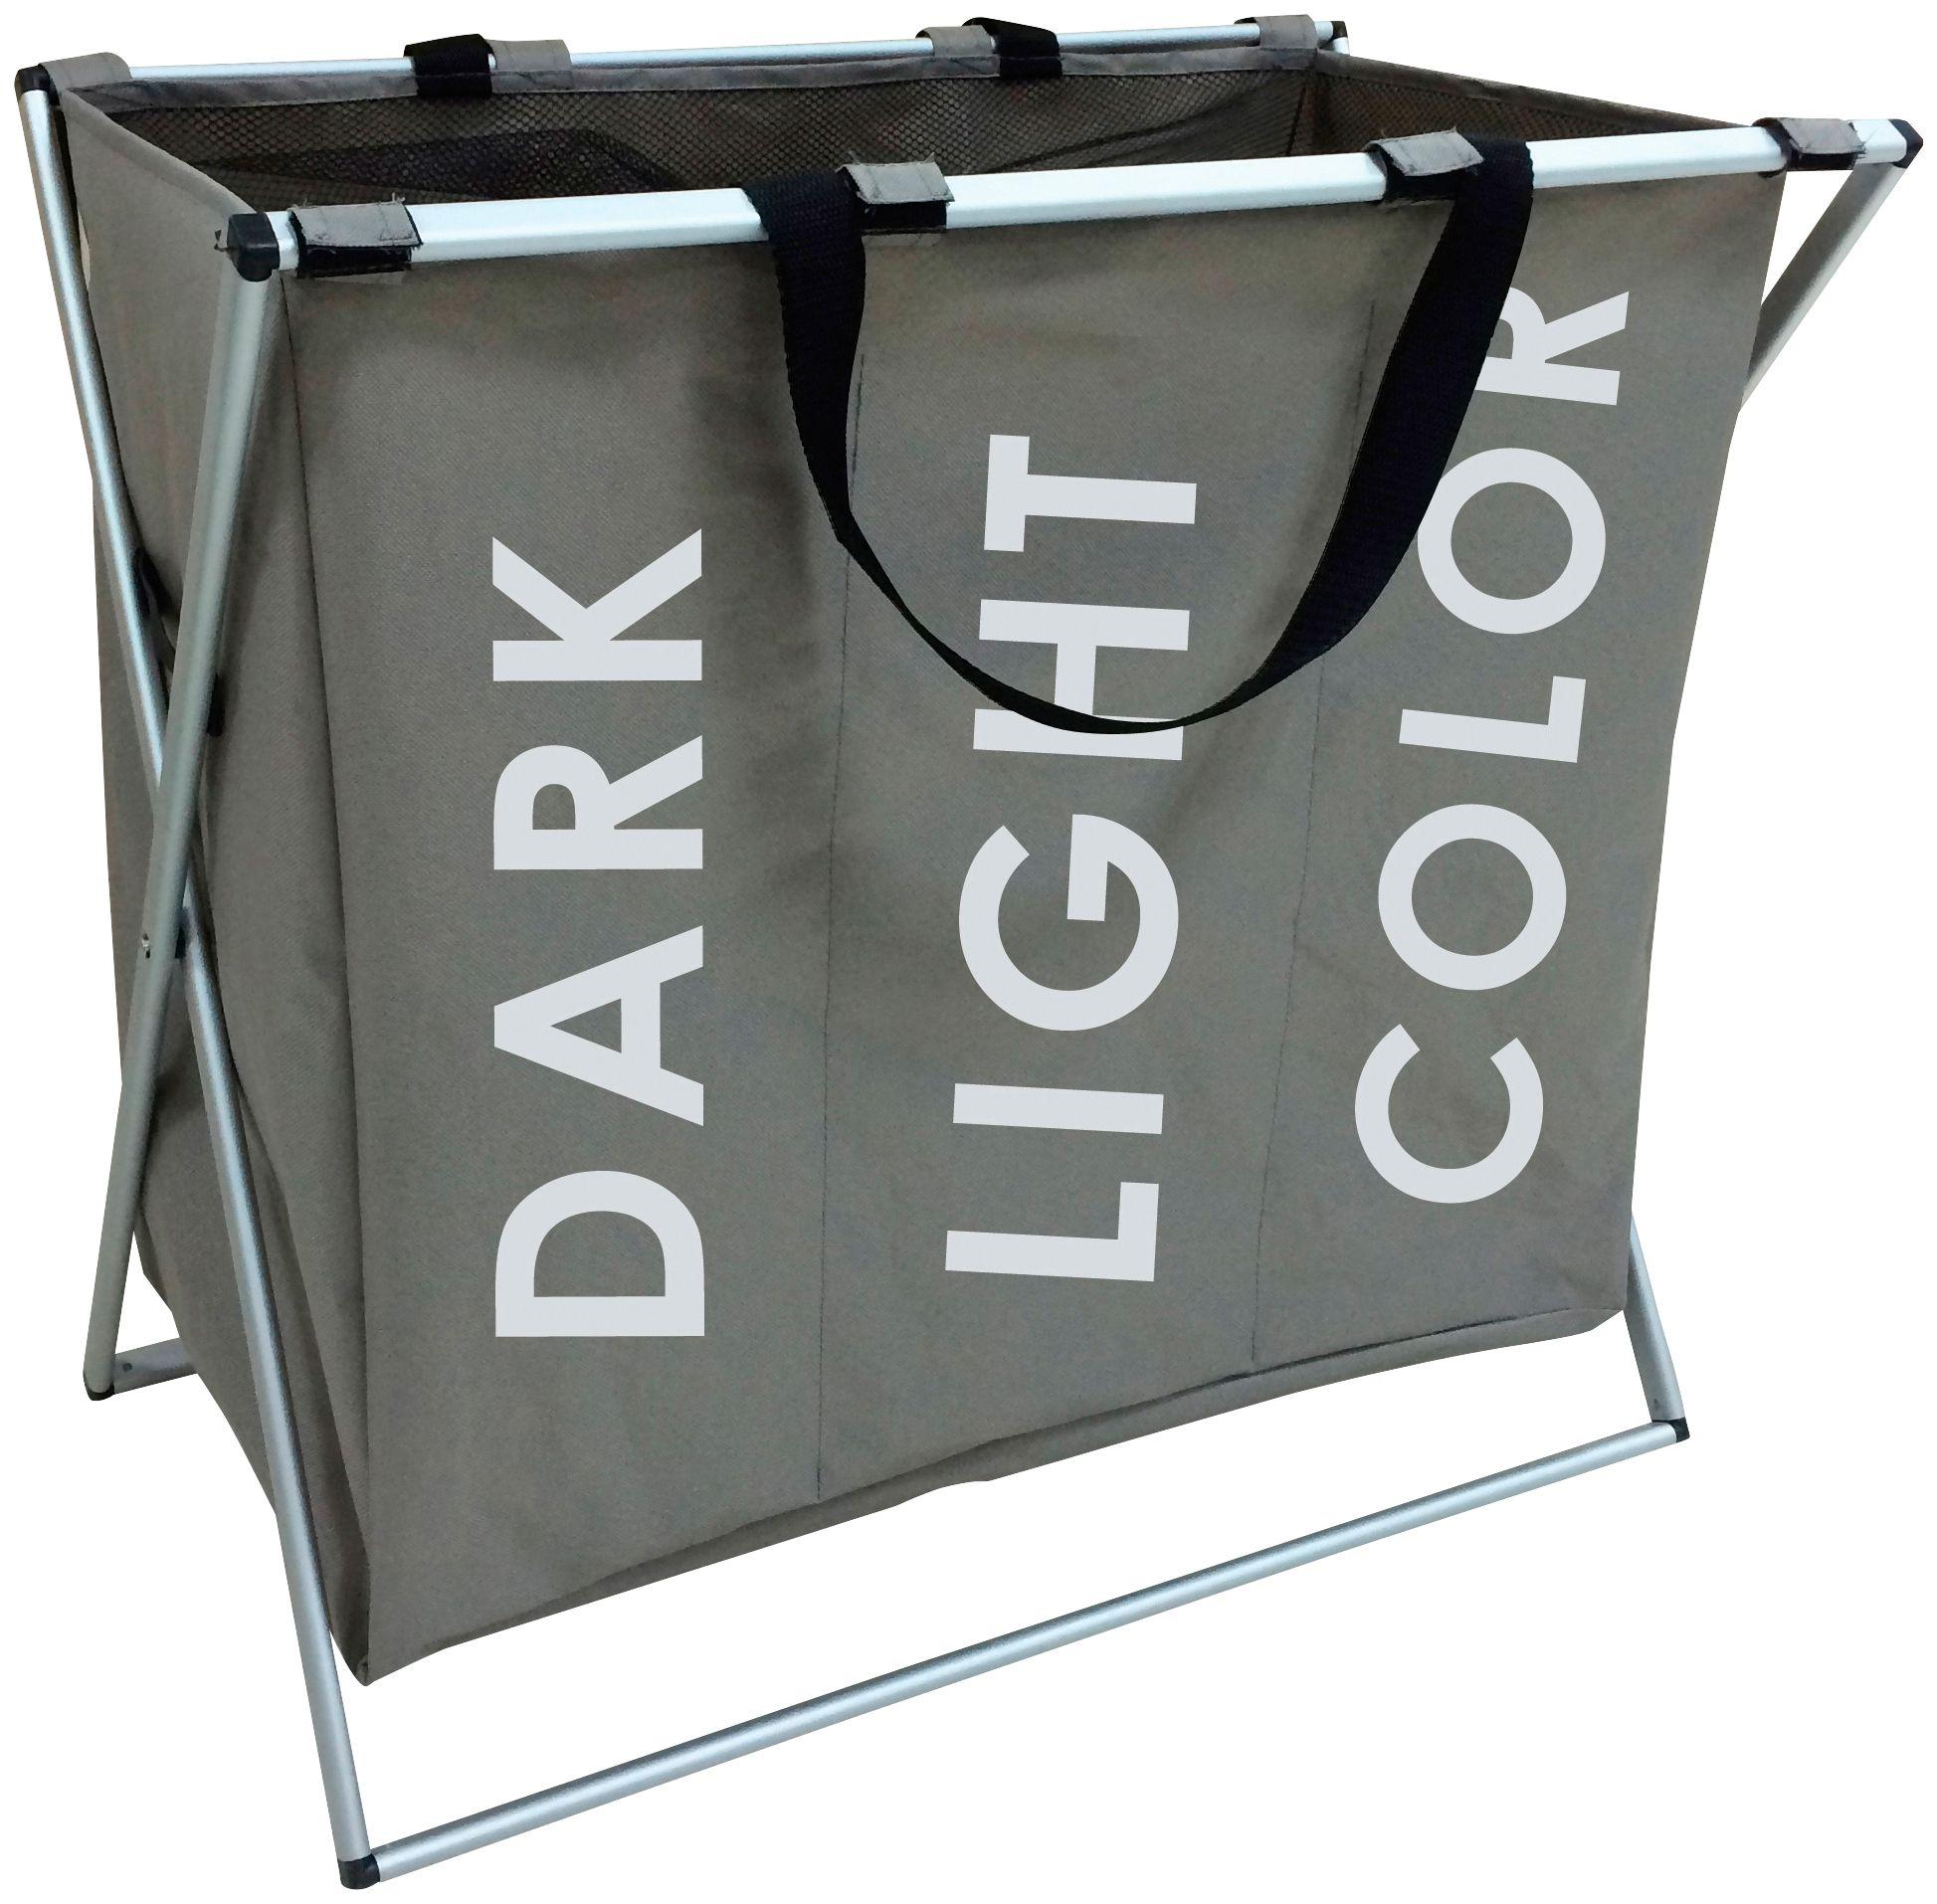 waschesammler g nstig online kaufen beim schwab versand. Black Bedroom Furniture Sets. Home Design Ideas